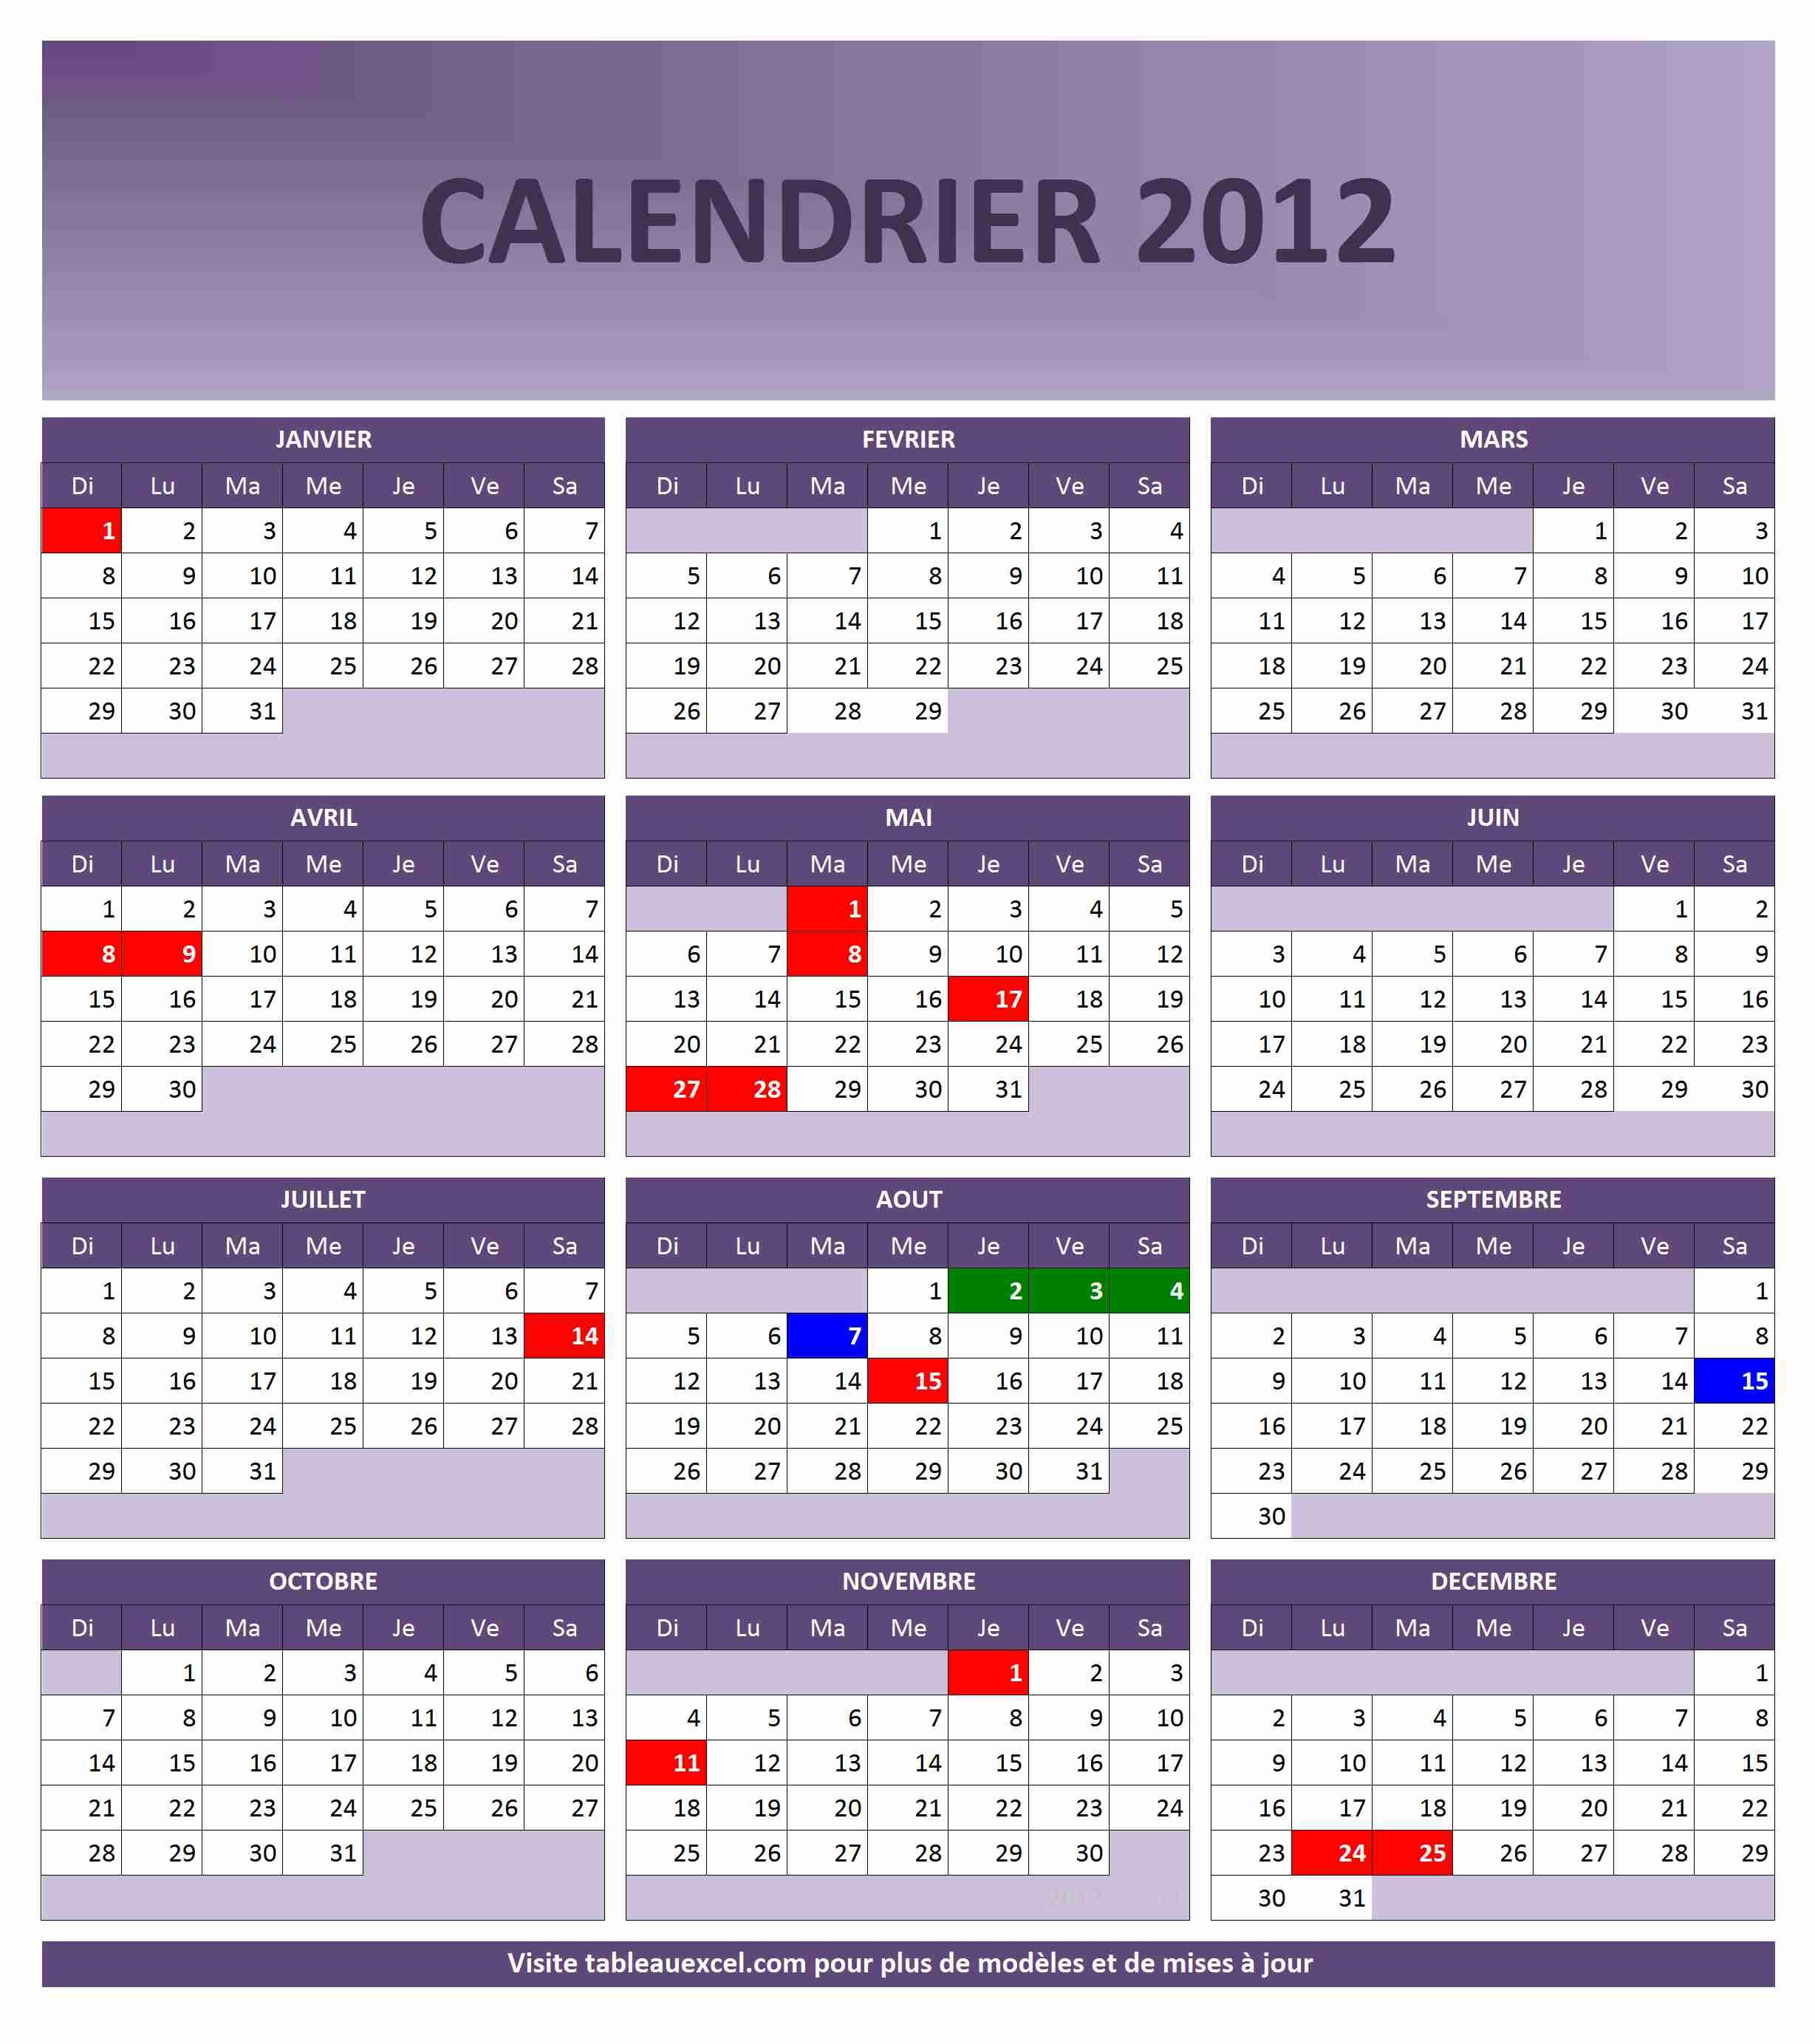 Calendrier-2012